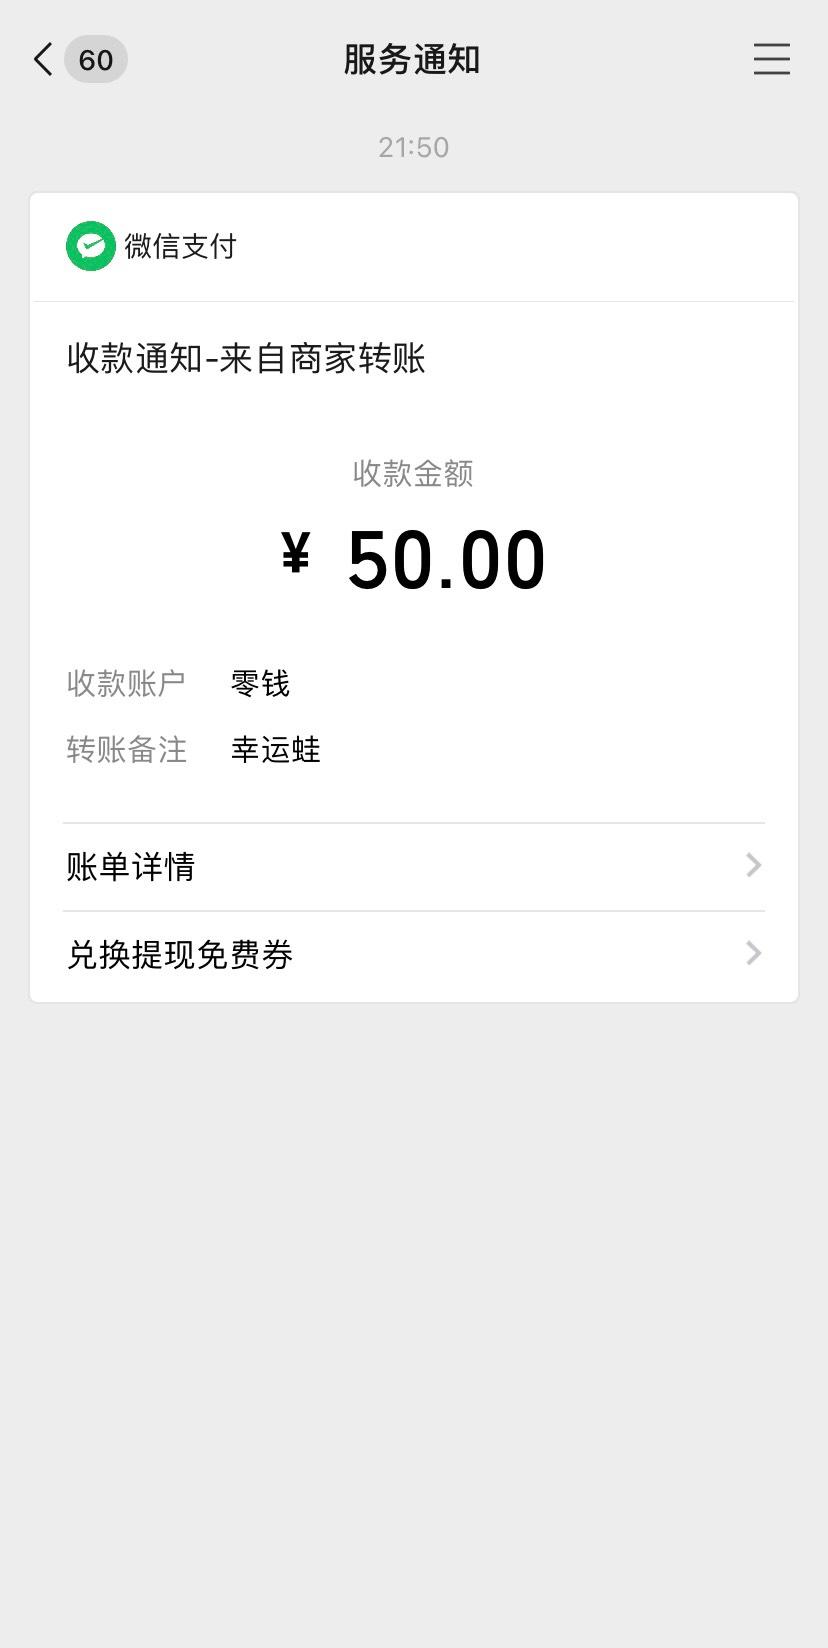 【现金红包】幸运蛙撸40元微信红包